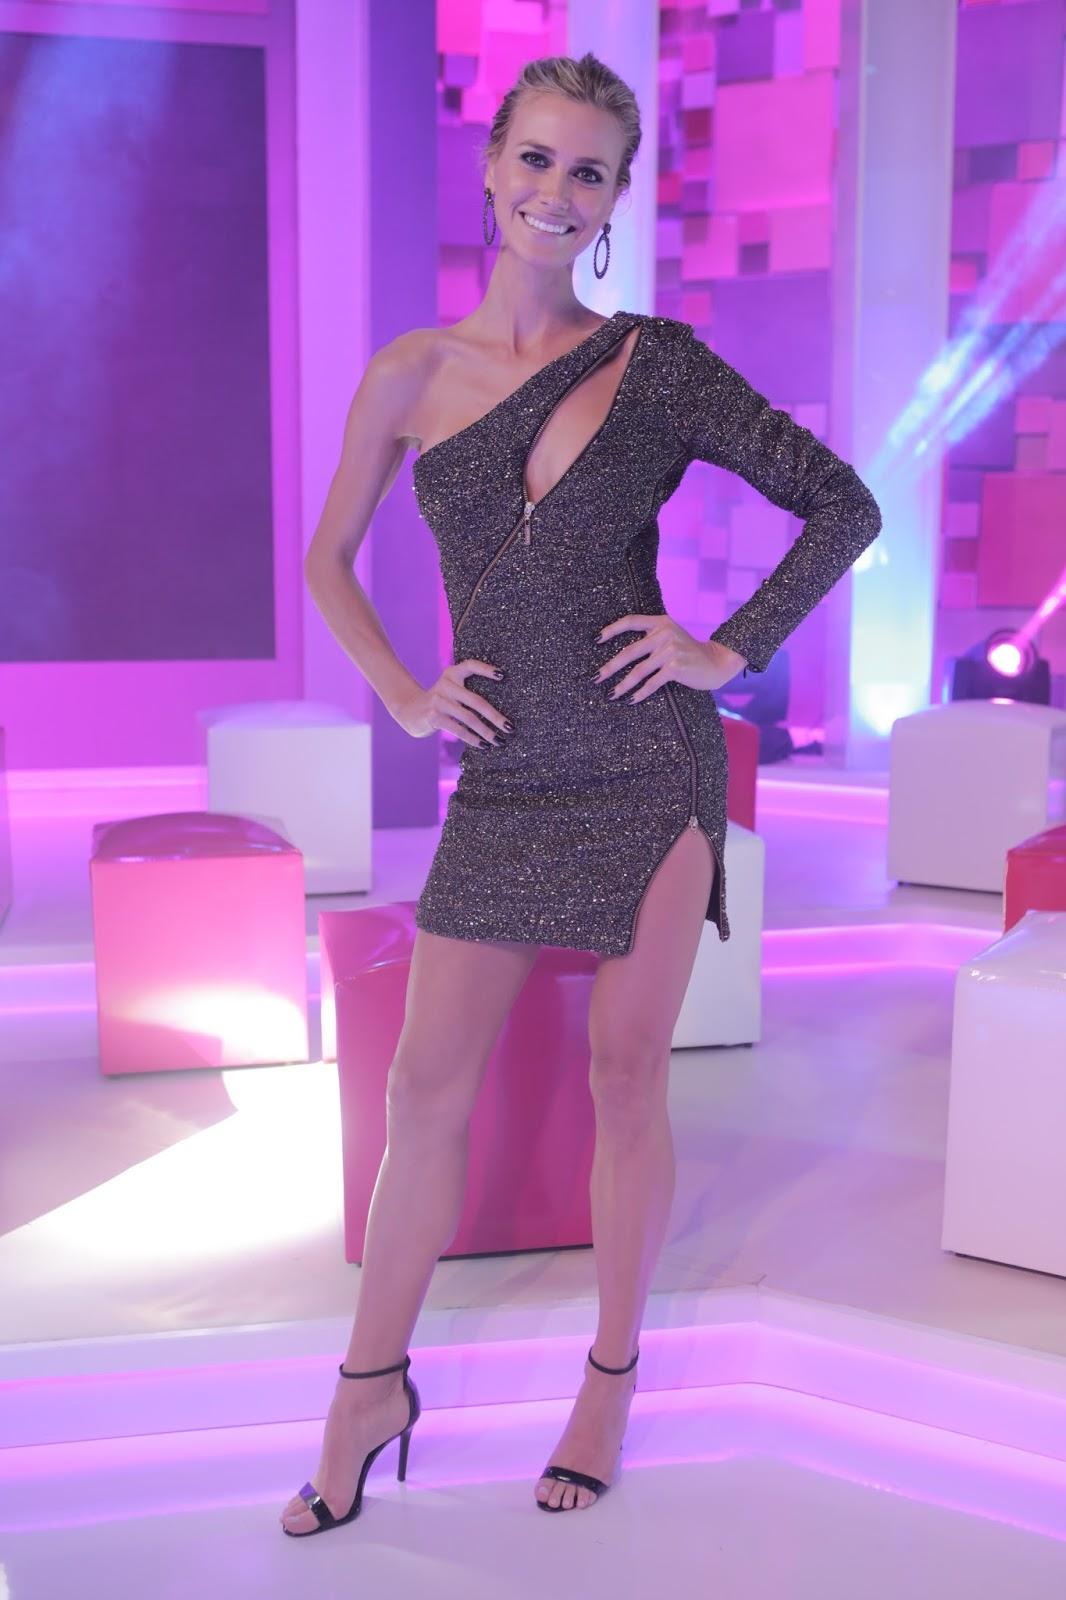 eb014c298288 Com Renata Kuerten, Conexão Models estreia neste domingo na RedeTV ...